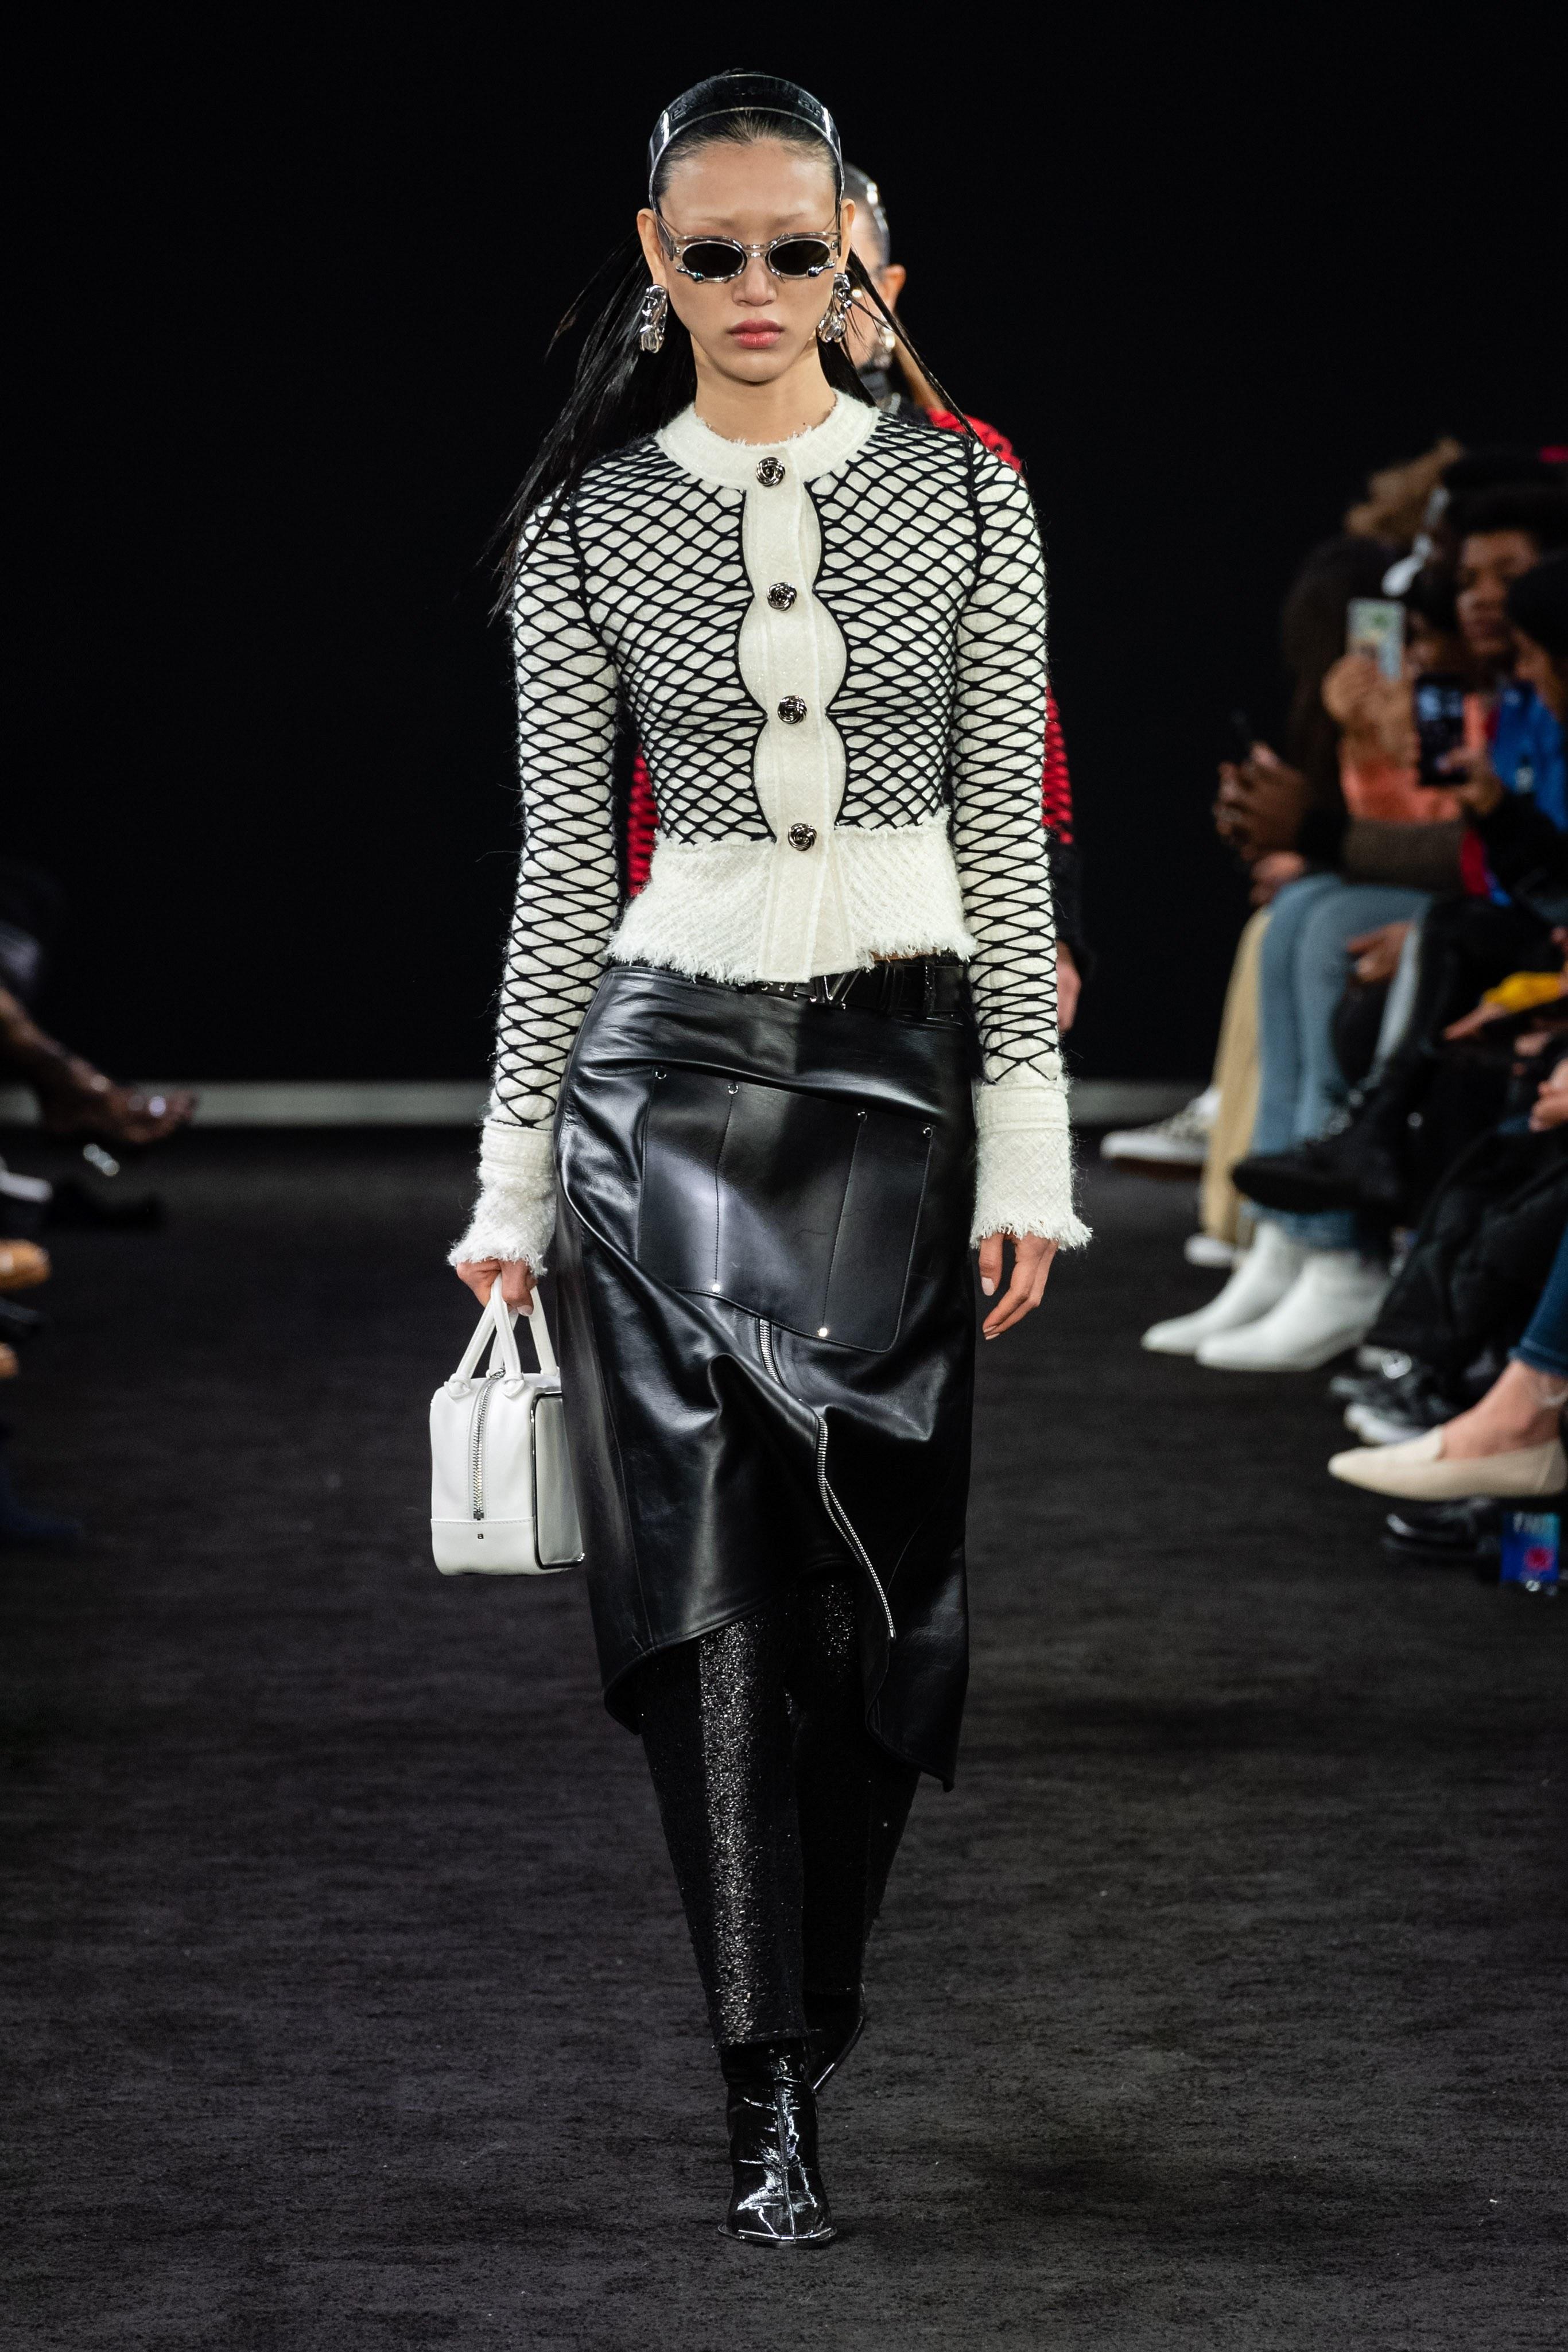 YG 케이플러스 여자 모델들, 해외 컬렉션 섭렵!